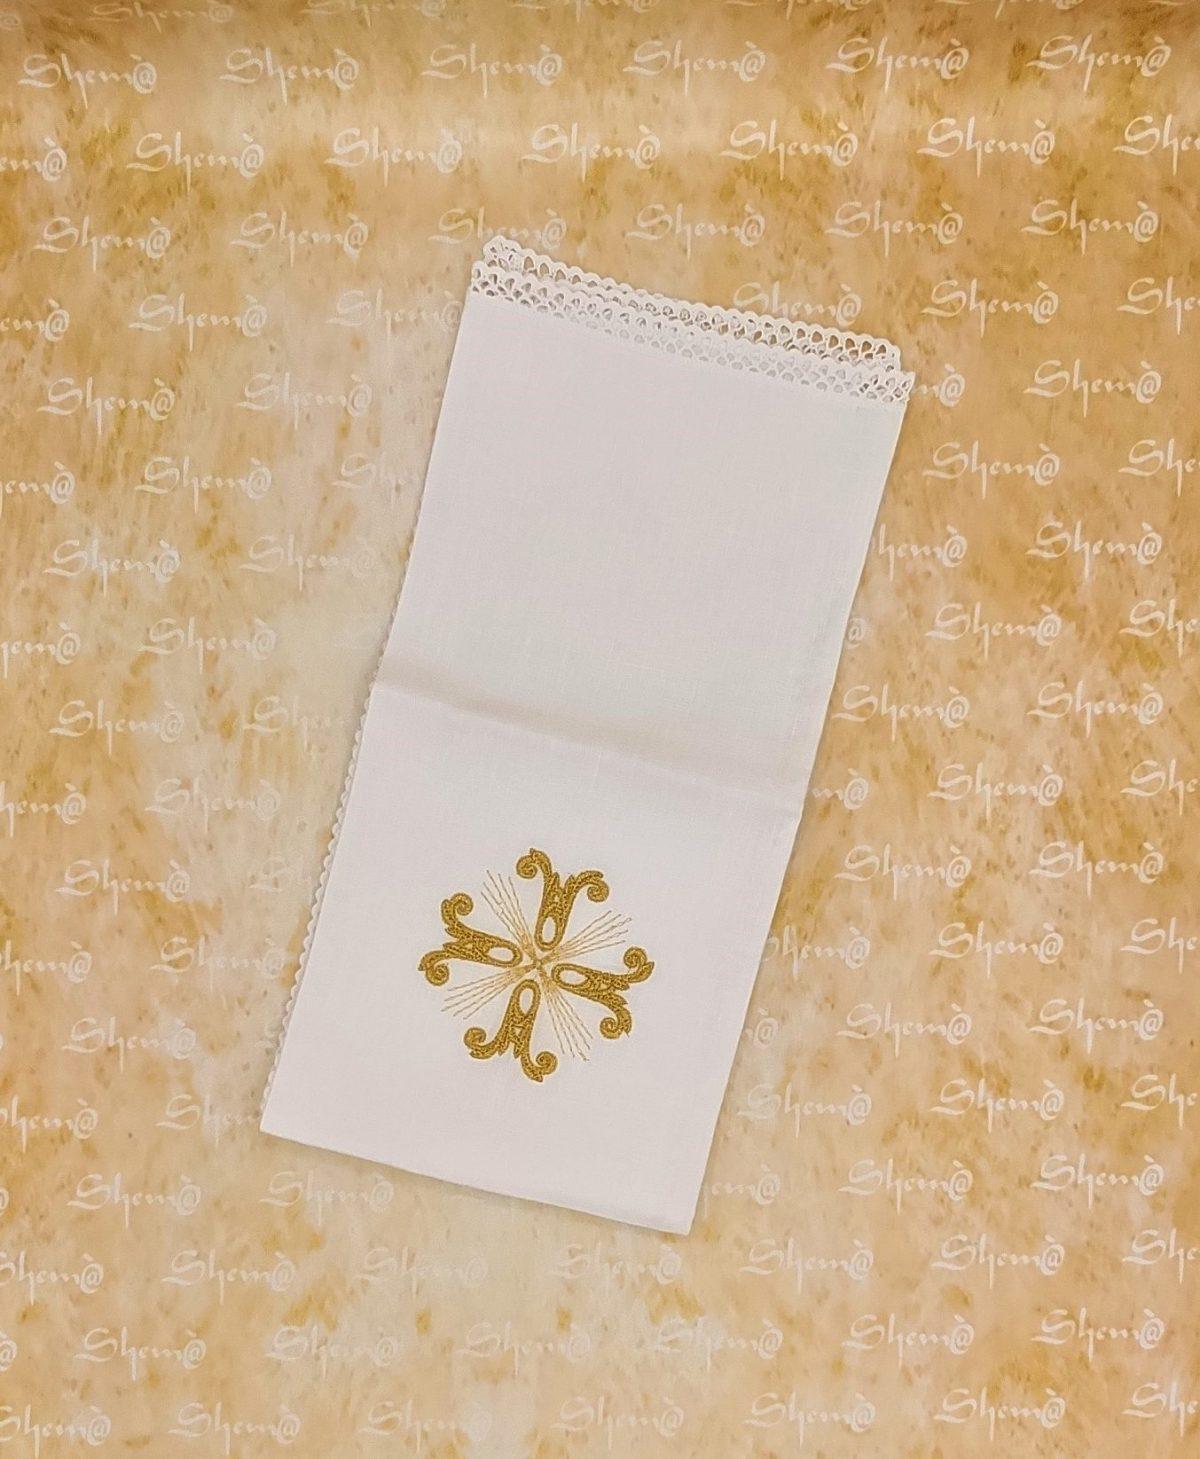 corporale croce ricamata oro